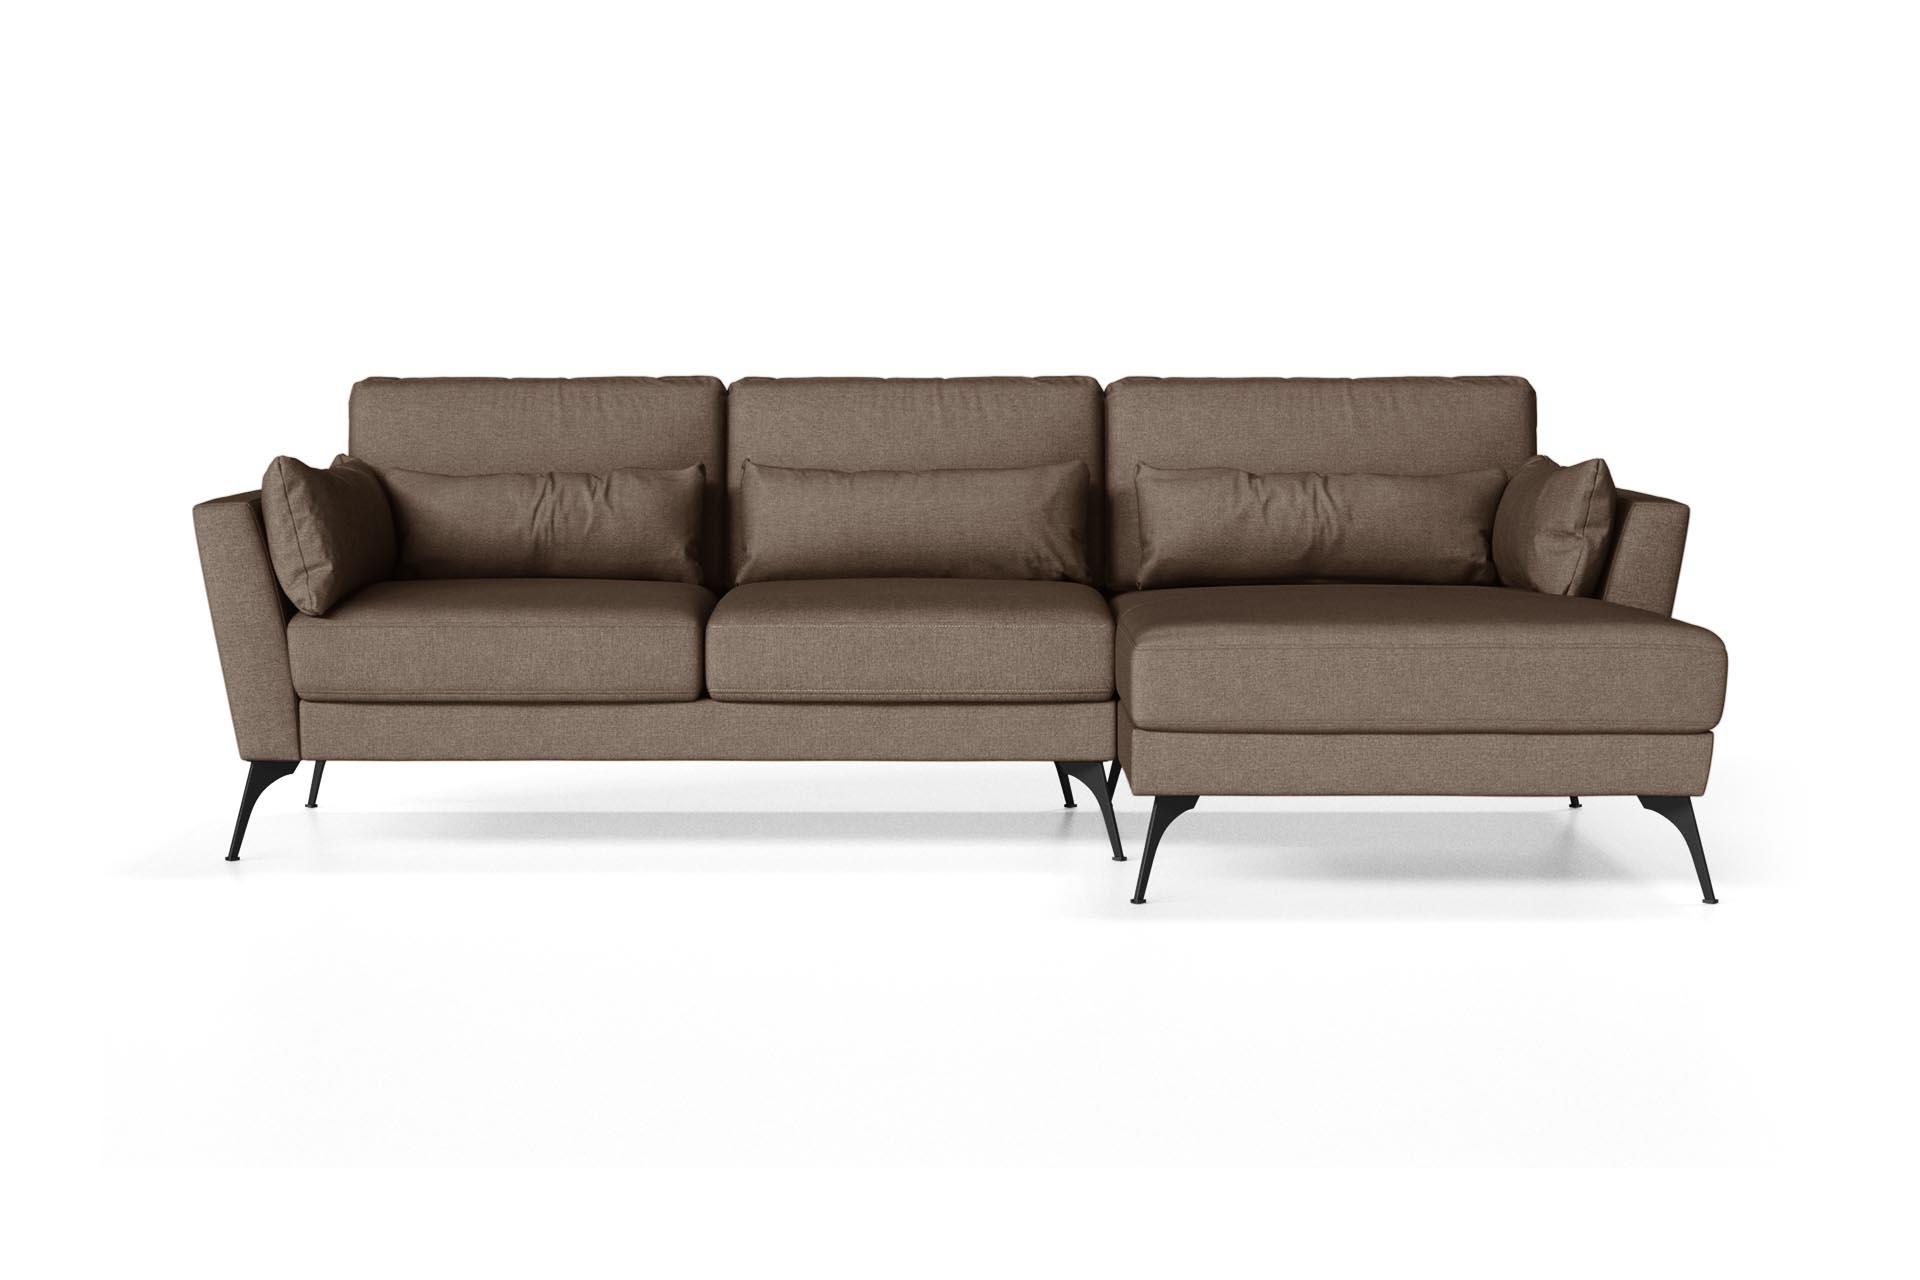 Canapé d'angle droit 4 places toucher lin noisette